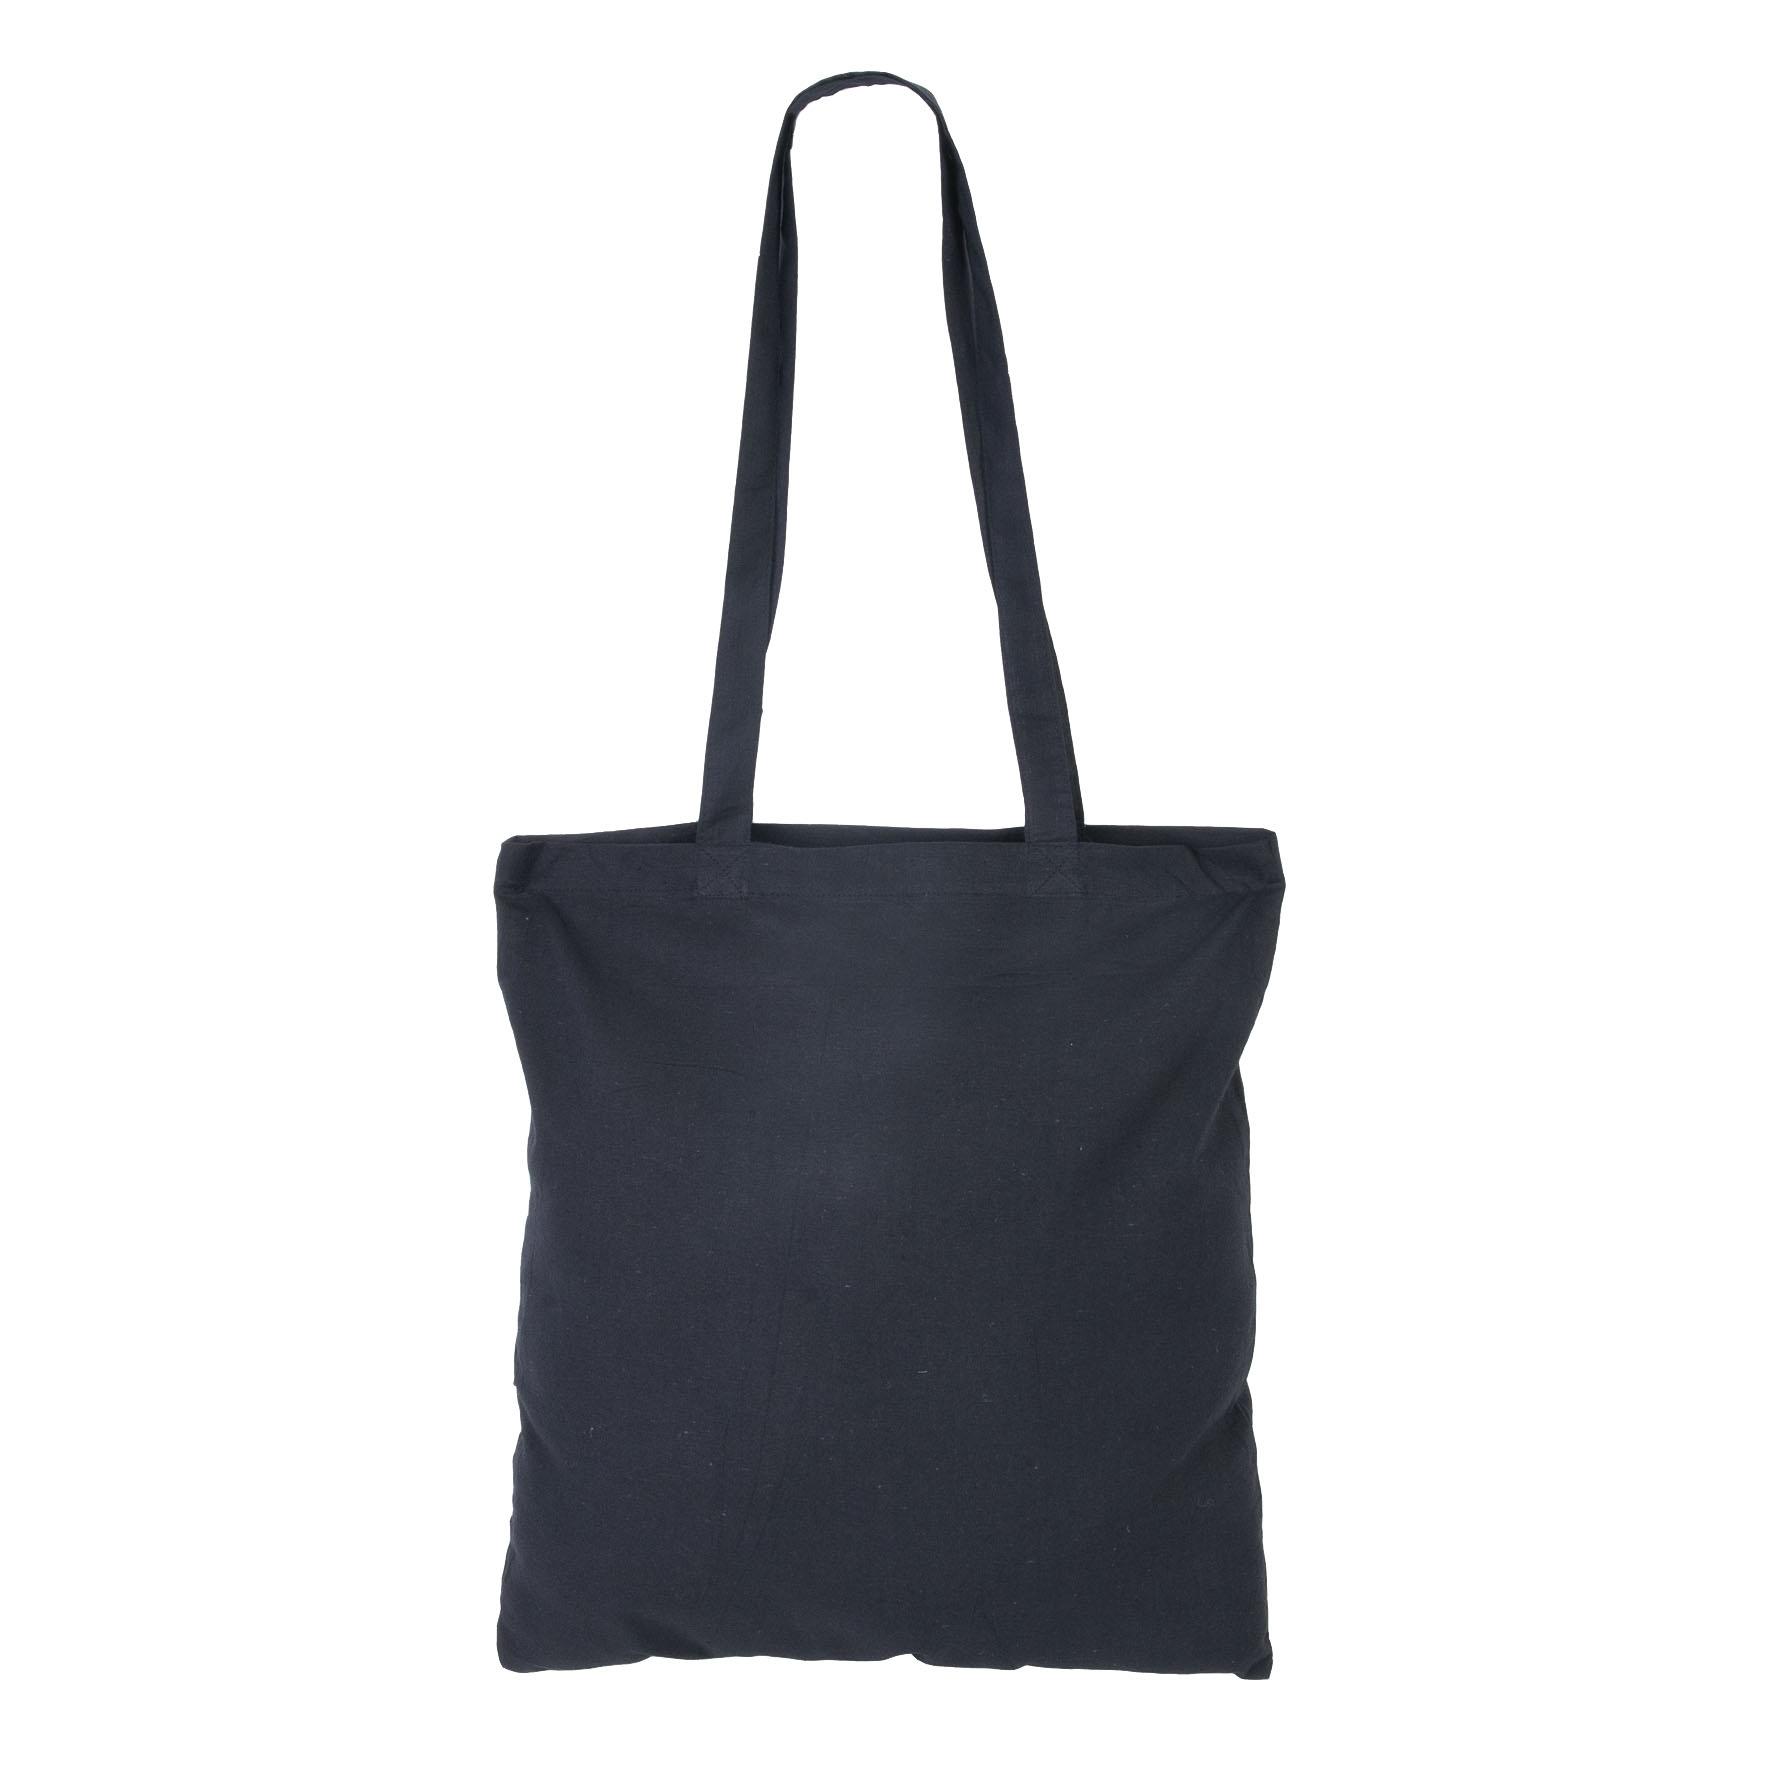 Sac shopping publicitaire coton Maria - sac shopping personnalisable - vert